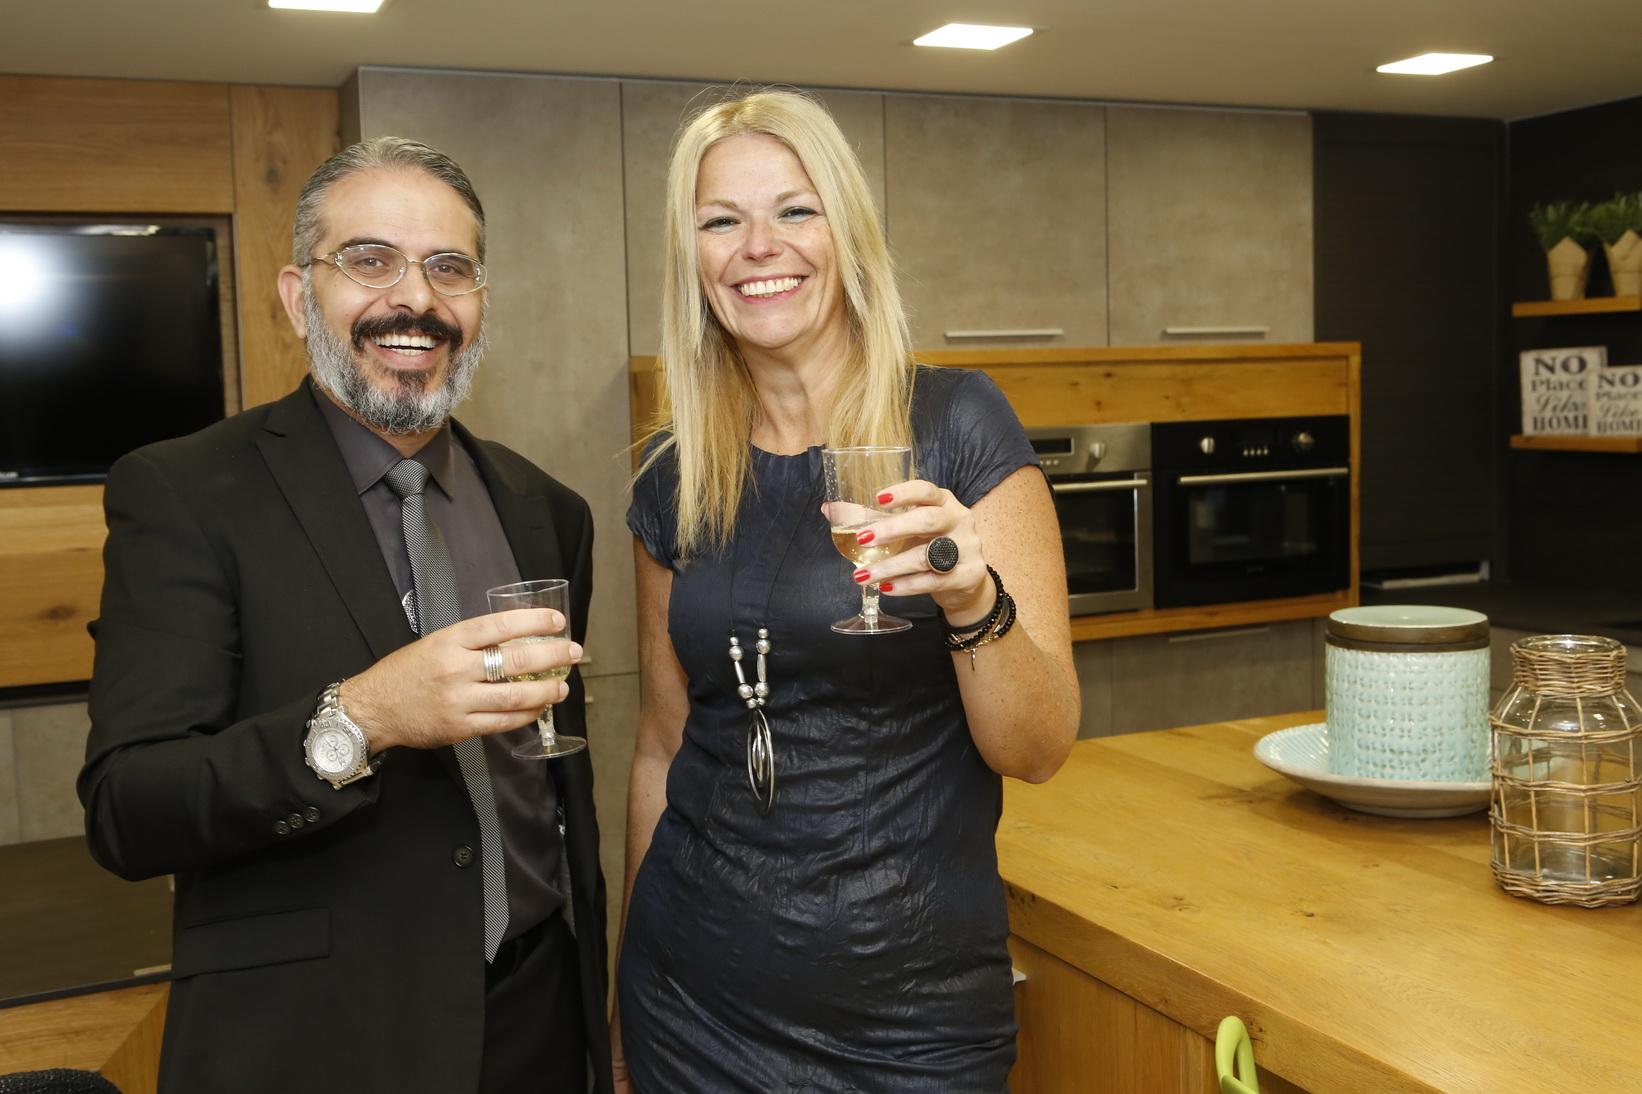 גאווה מקומית... מעצבת הפנים צביה וילנצ'יק וסמנכל השיווק של מטבחי דקל בכנס אדריכלים צילום יוני רייף